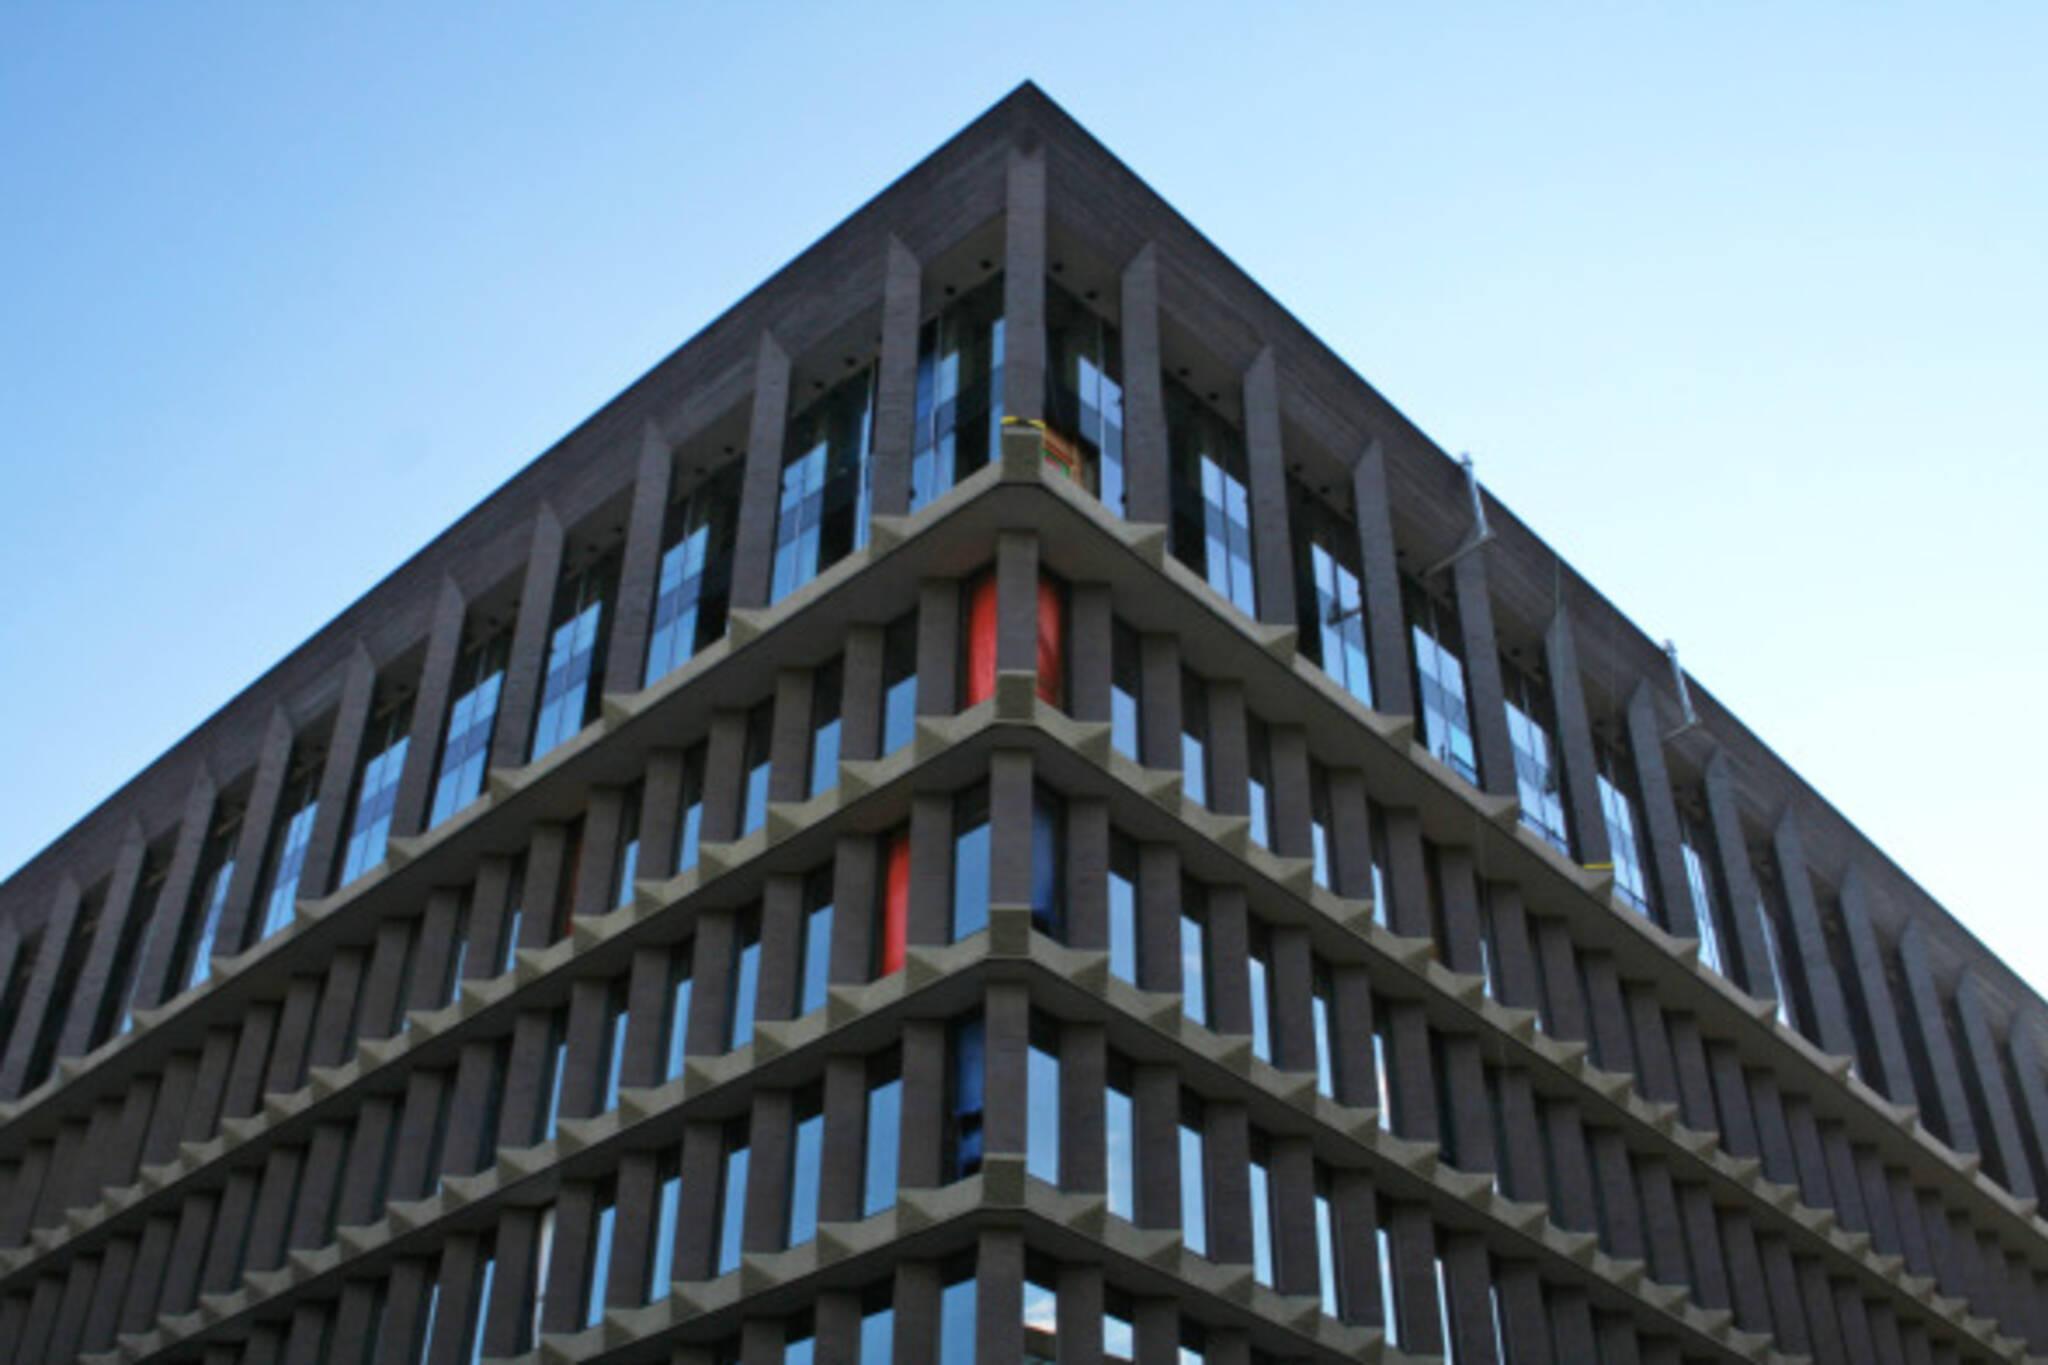 222 Jarvis Street LEED Building